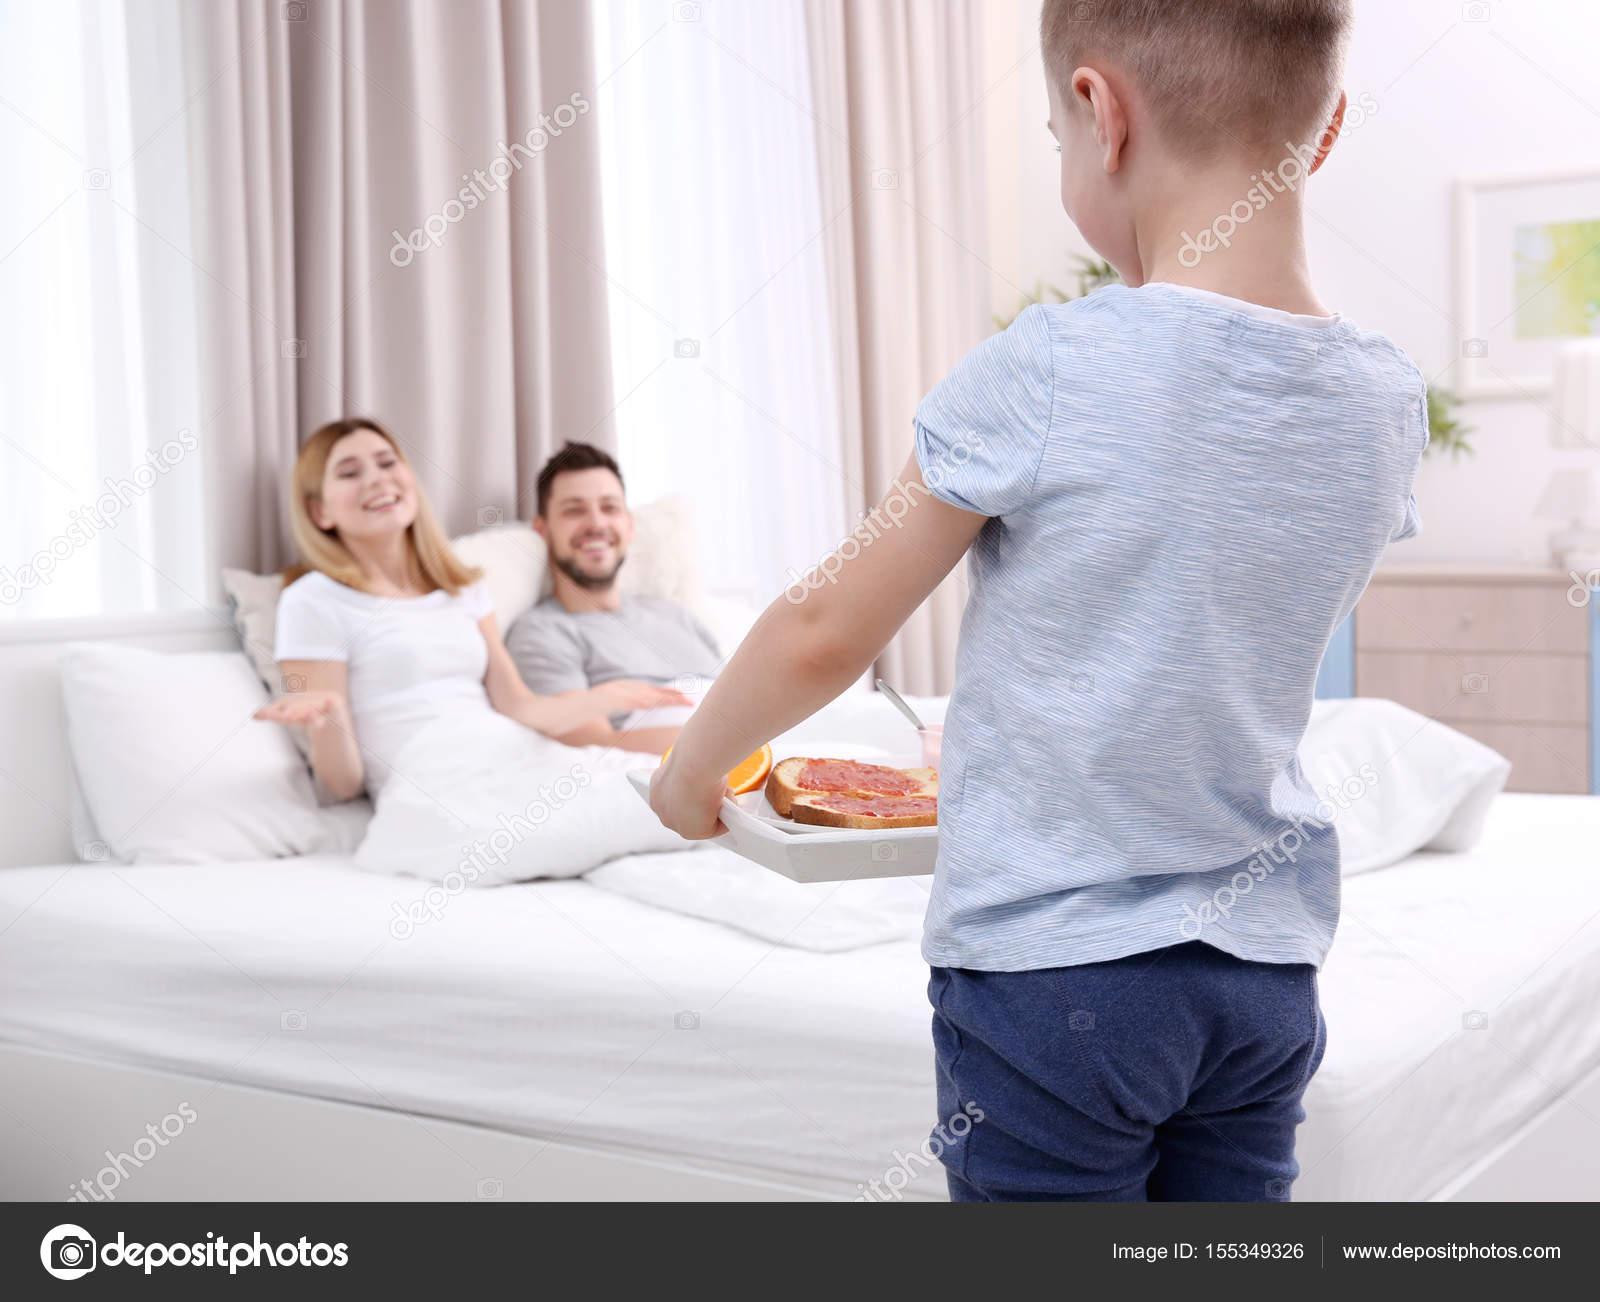 Сын наблюдает за сексом родителей, Подсмотрел за сексом родителей -видео. Смотреть 20 фотография